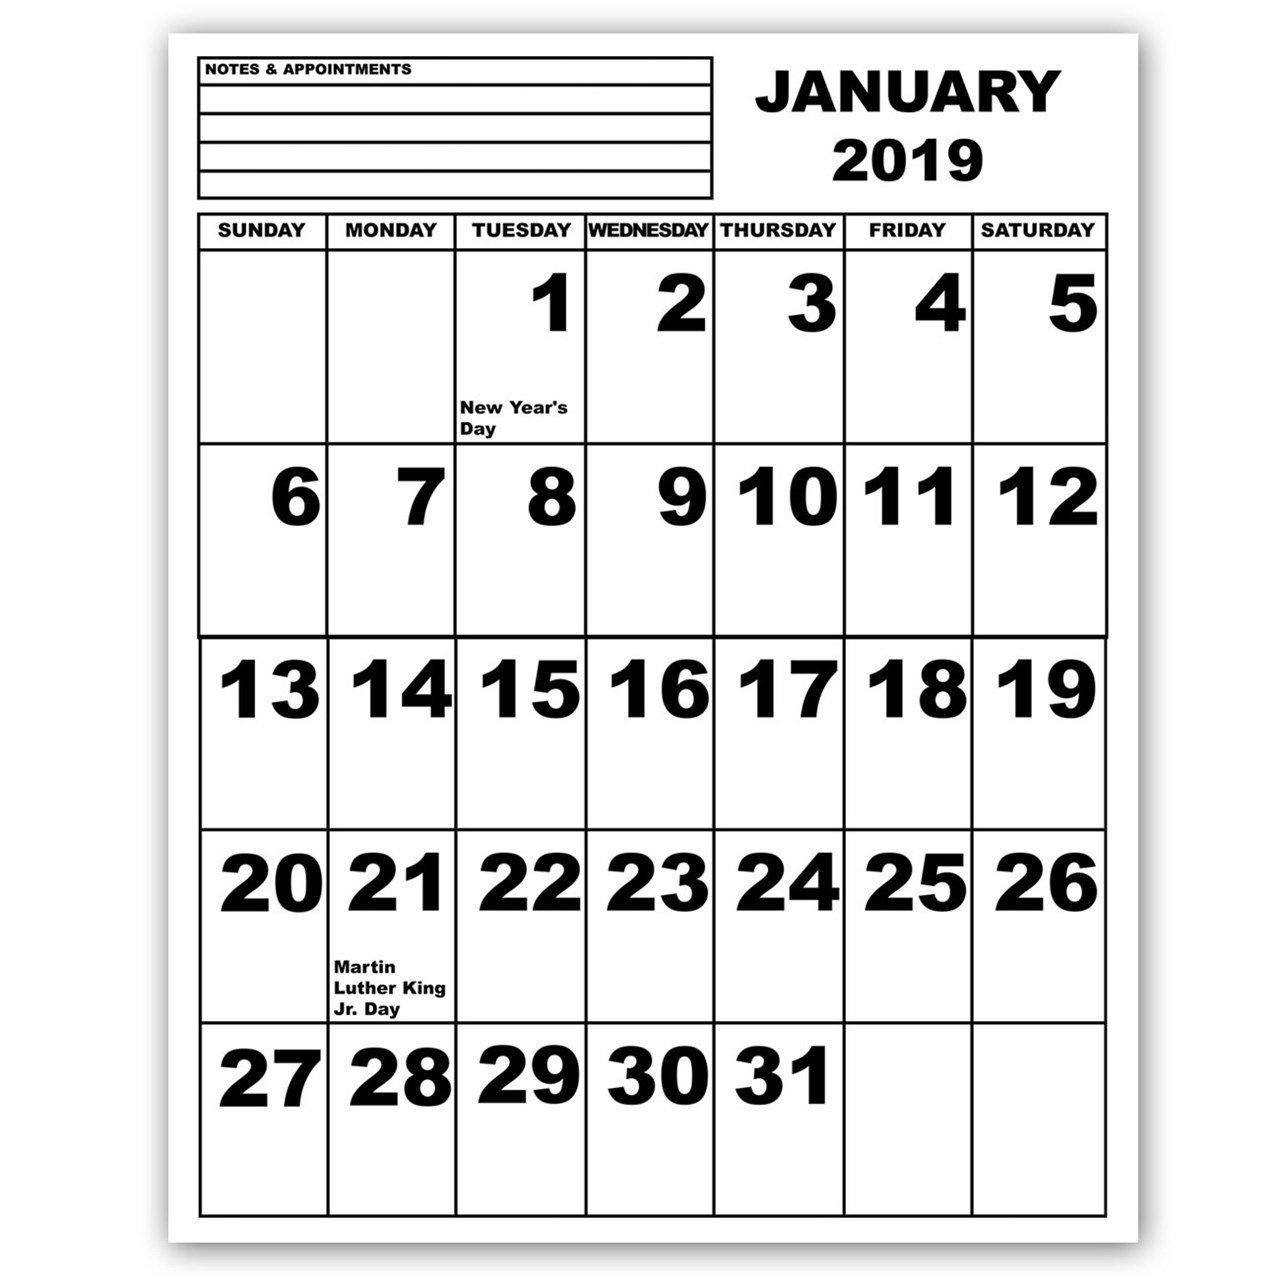 Maxiaids | Jumbo Print Calendar - 2019 Calendar 2019 Large